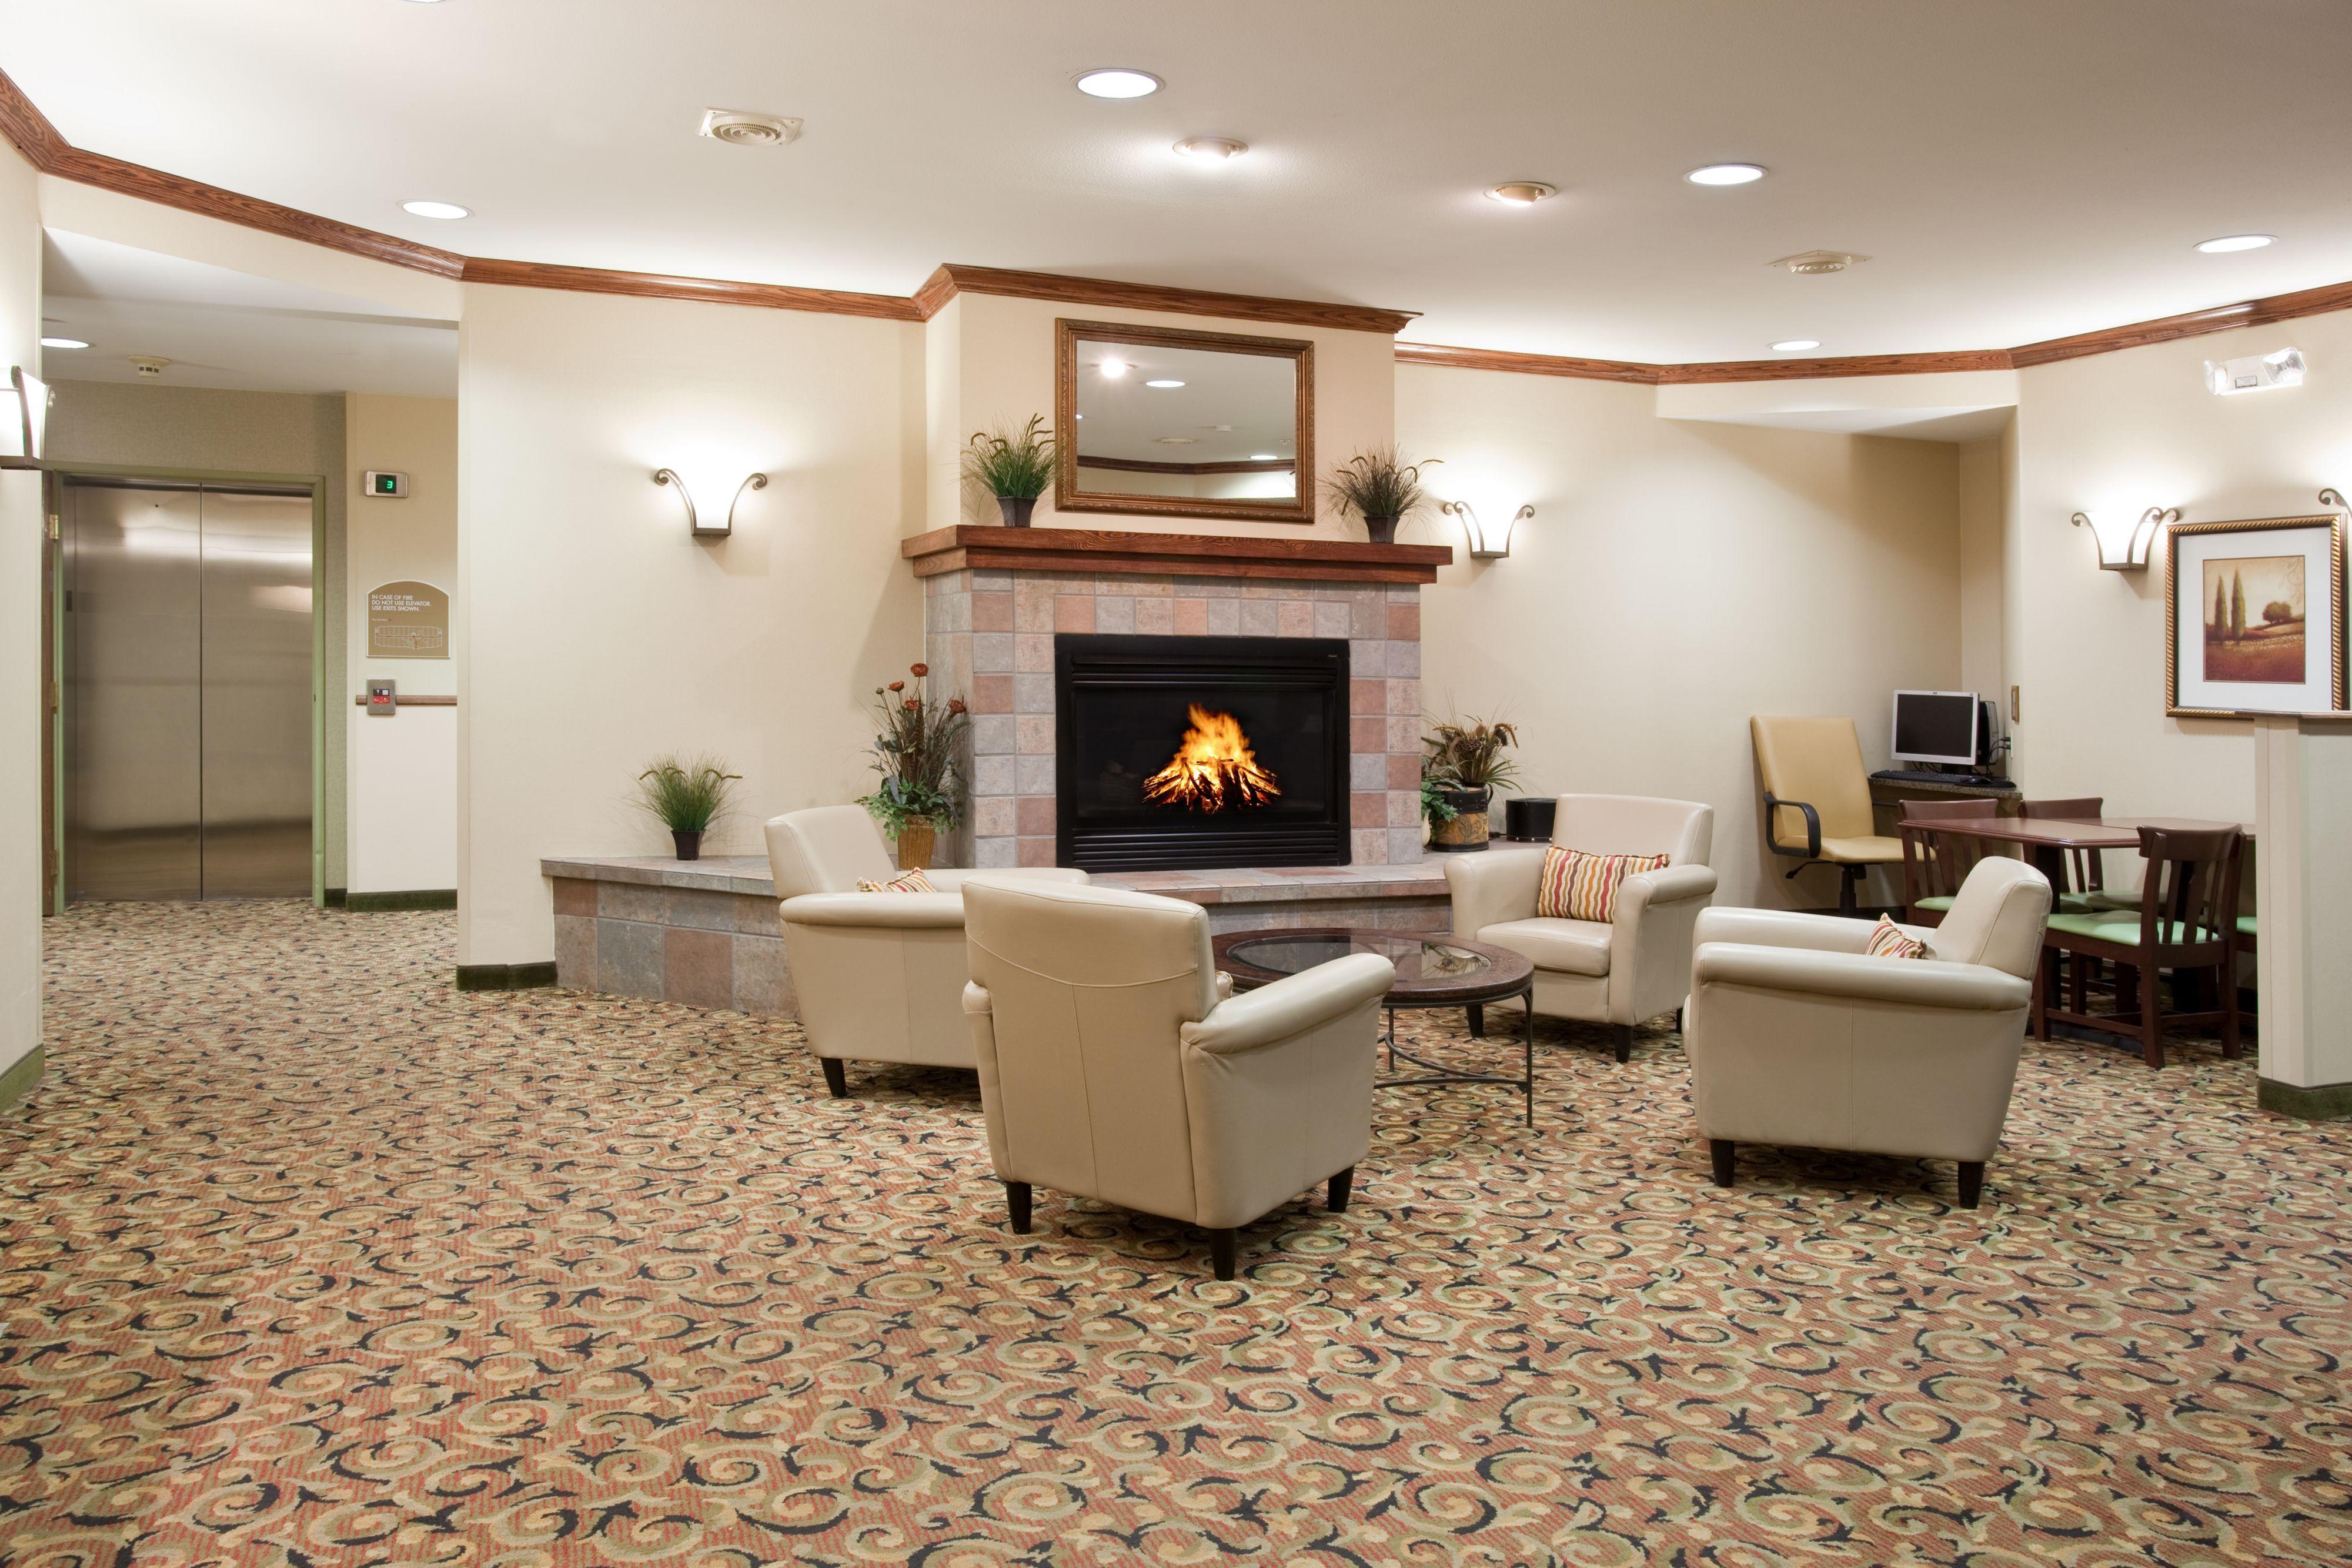 Holiday Inn Express Glenwood Springs (Aspen Area) image 4